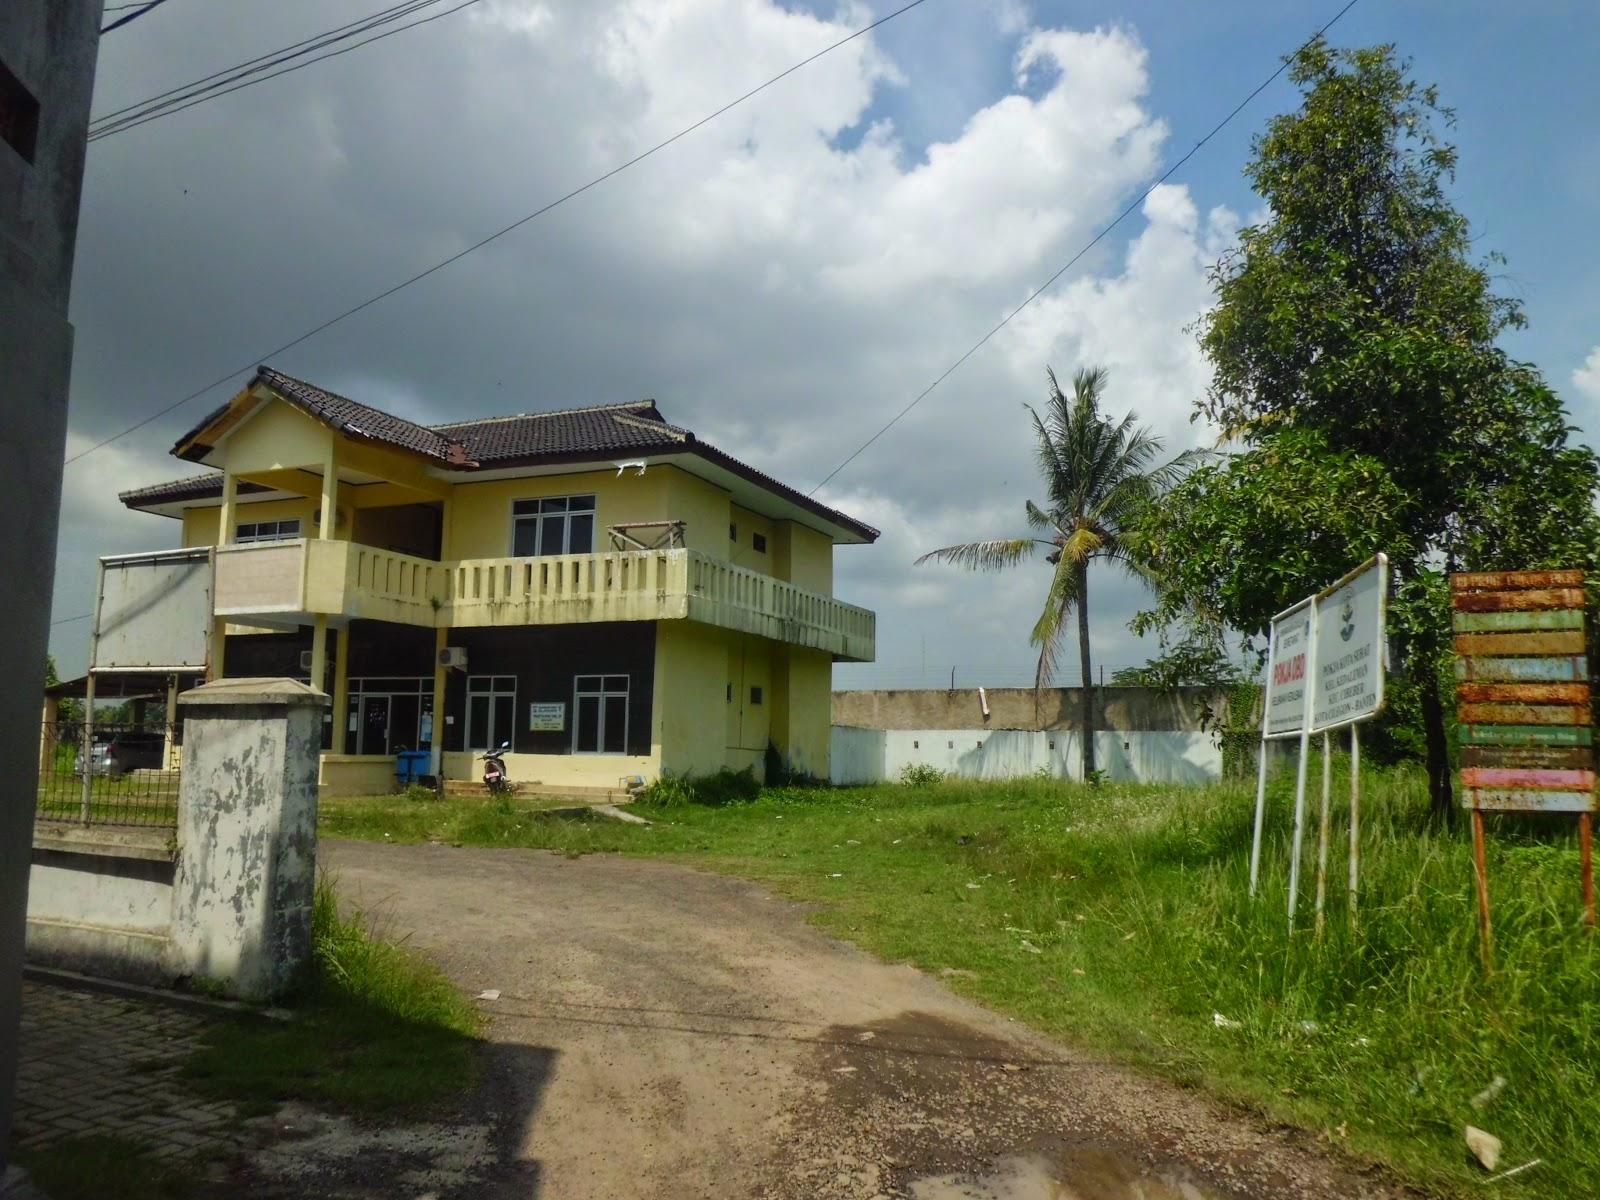 kantor kelurahan kedaleman